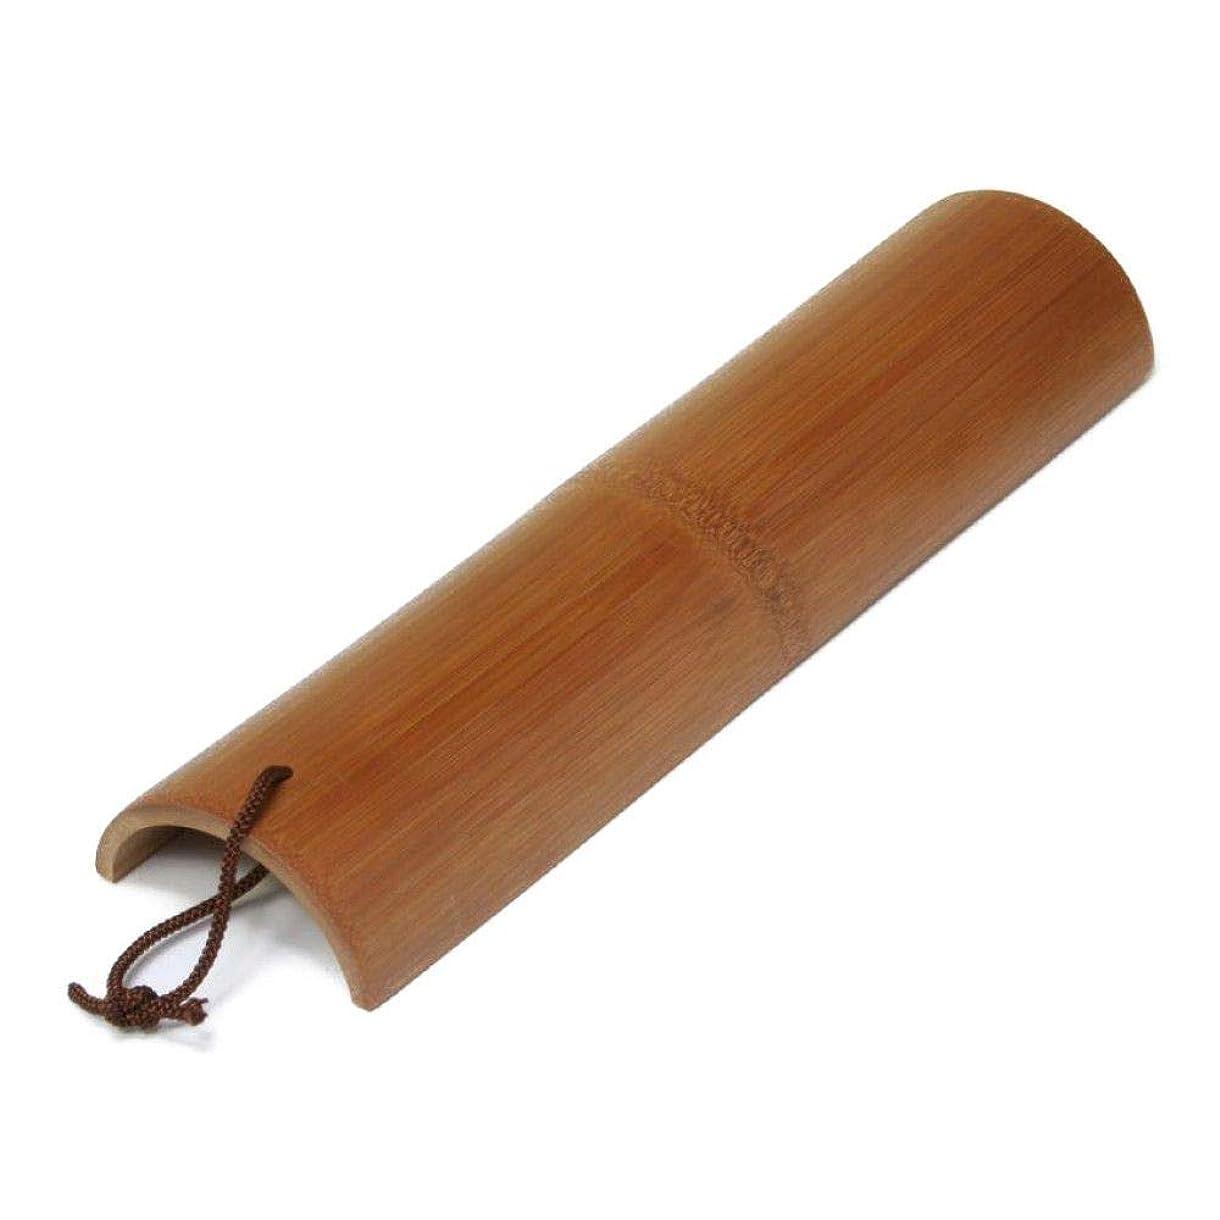 さらに民族主義単独で炭化竹製「大判?踏み竹」 「竹の本場?大分県」よりお届けします